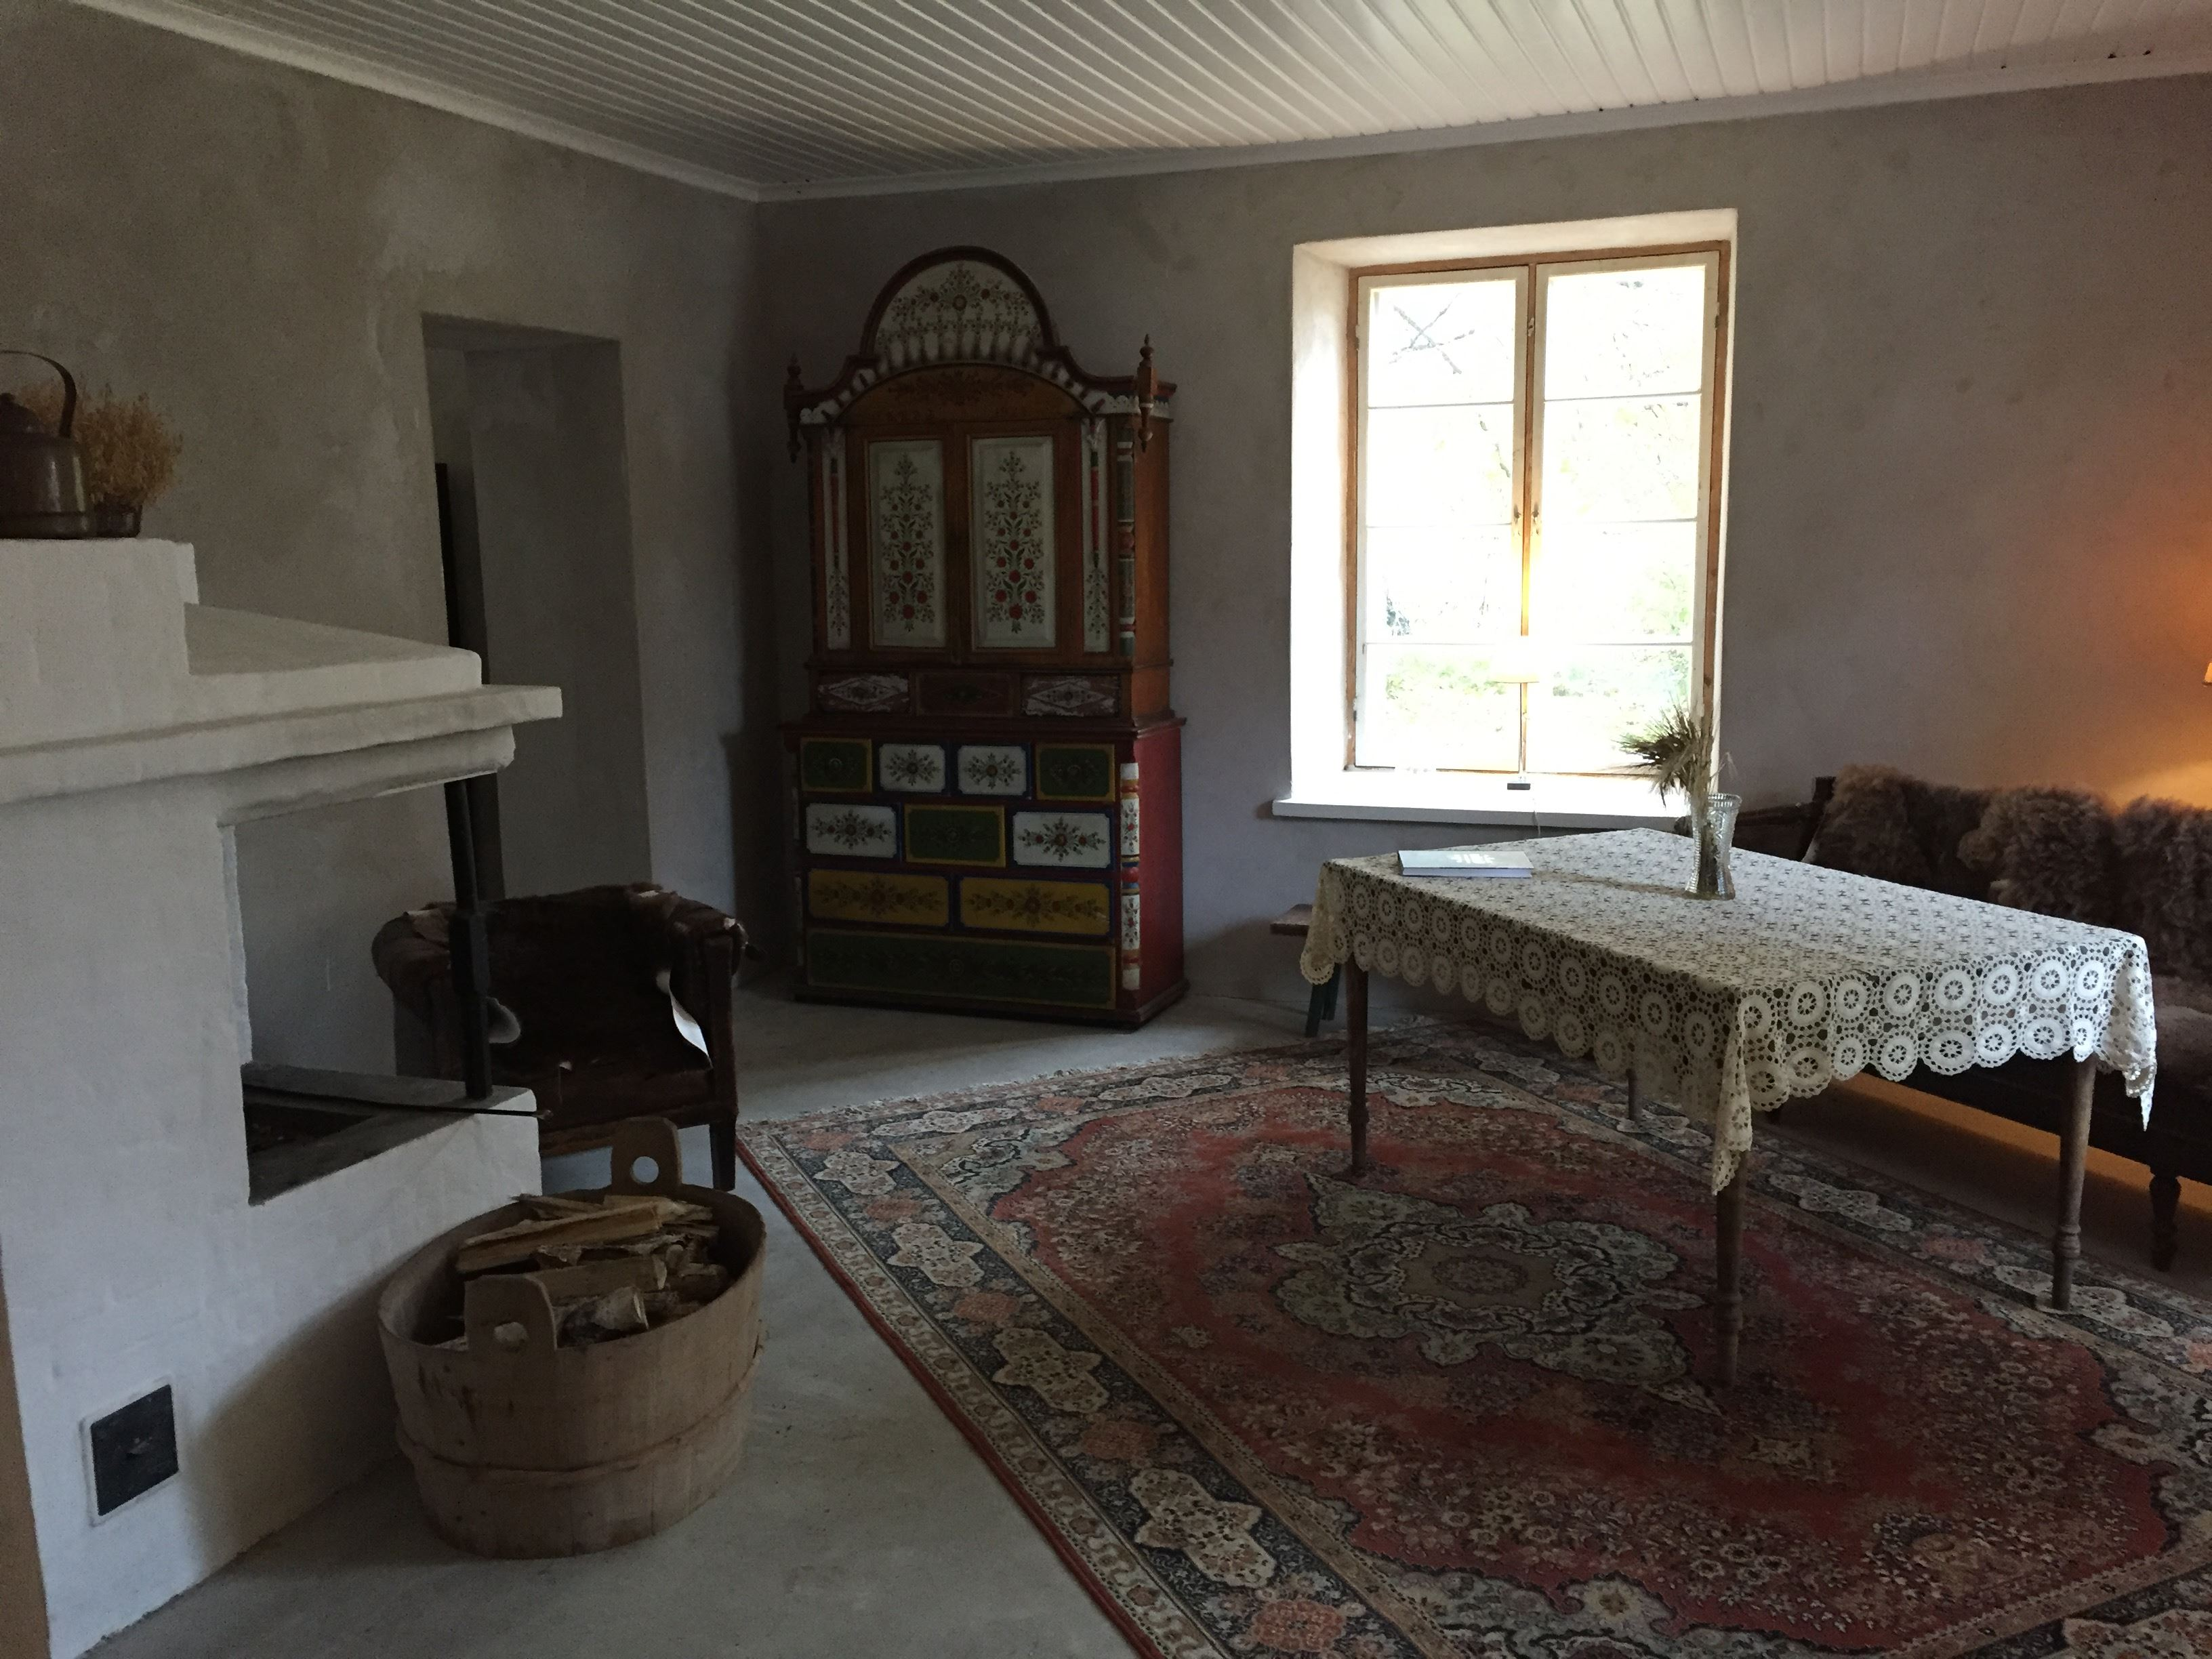 Koiskala Manor